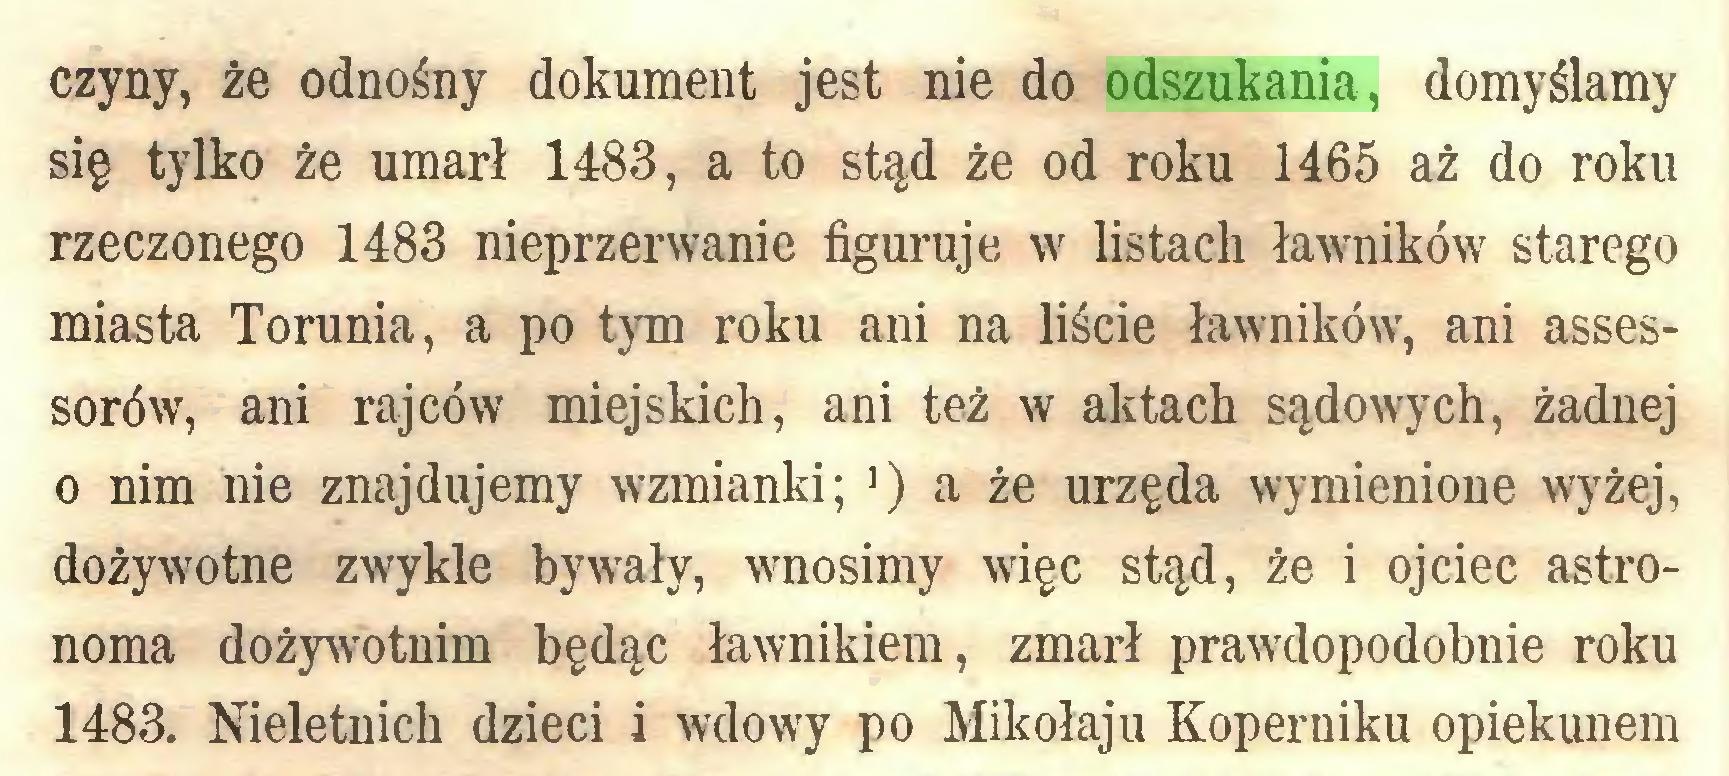 (...) czyny, że odnośny dokument jest nie do odszukania, domyślamy się tylko że umarł 1483, a to stąd że od roku 1465 aż do roku rzeczonego 1483 nieprzerwanie figuruje w listach ławników starego miasta Torunia, a po tym roku ani na liście ławników, ani assessorów, ani rajców miejskich, ani też w aktach sądowych, żadnej 0 nim nie znajdujemy wzmianki; >) a że urzęda wymienione wyżej, dożywotne zwykle bywały, wnosimy więc stąd, że i ojciec astronoma dożywotnim będąc ławnikiem, zmarł prawdopodobnie roku 1483. Nieletnich dzieci i wdowy po Mikołaju Koperniku opiekunem...